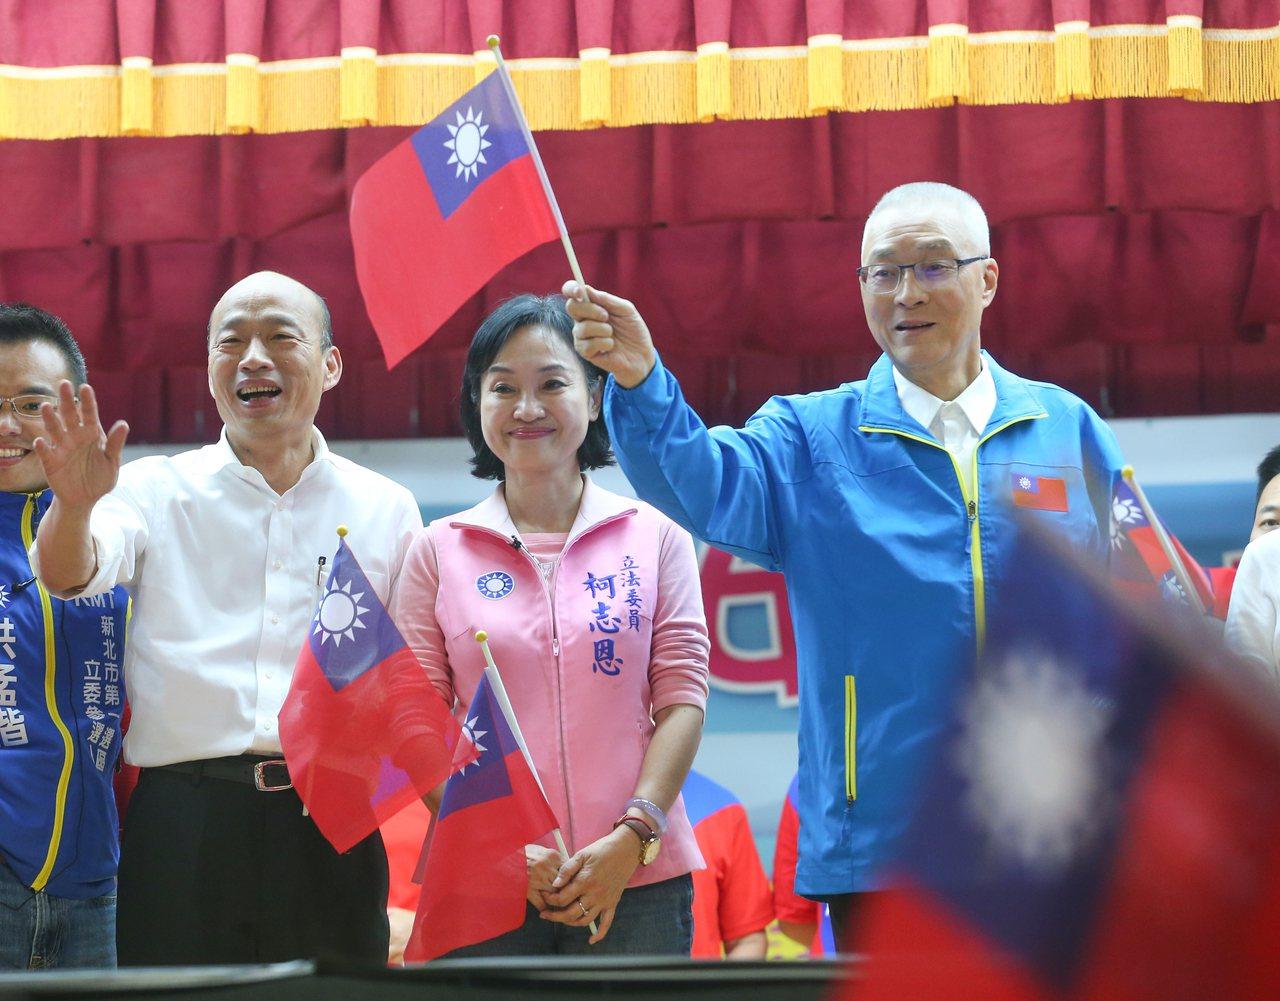 國民黨總統參選人韓國瑜(左二)與國民黨黨主席吳敦義(右一)一同出席婦女後援會成立...